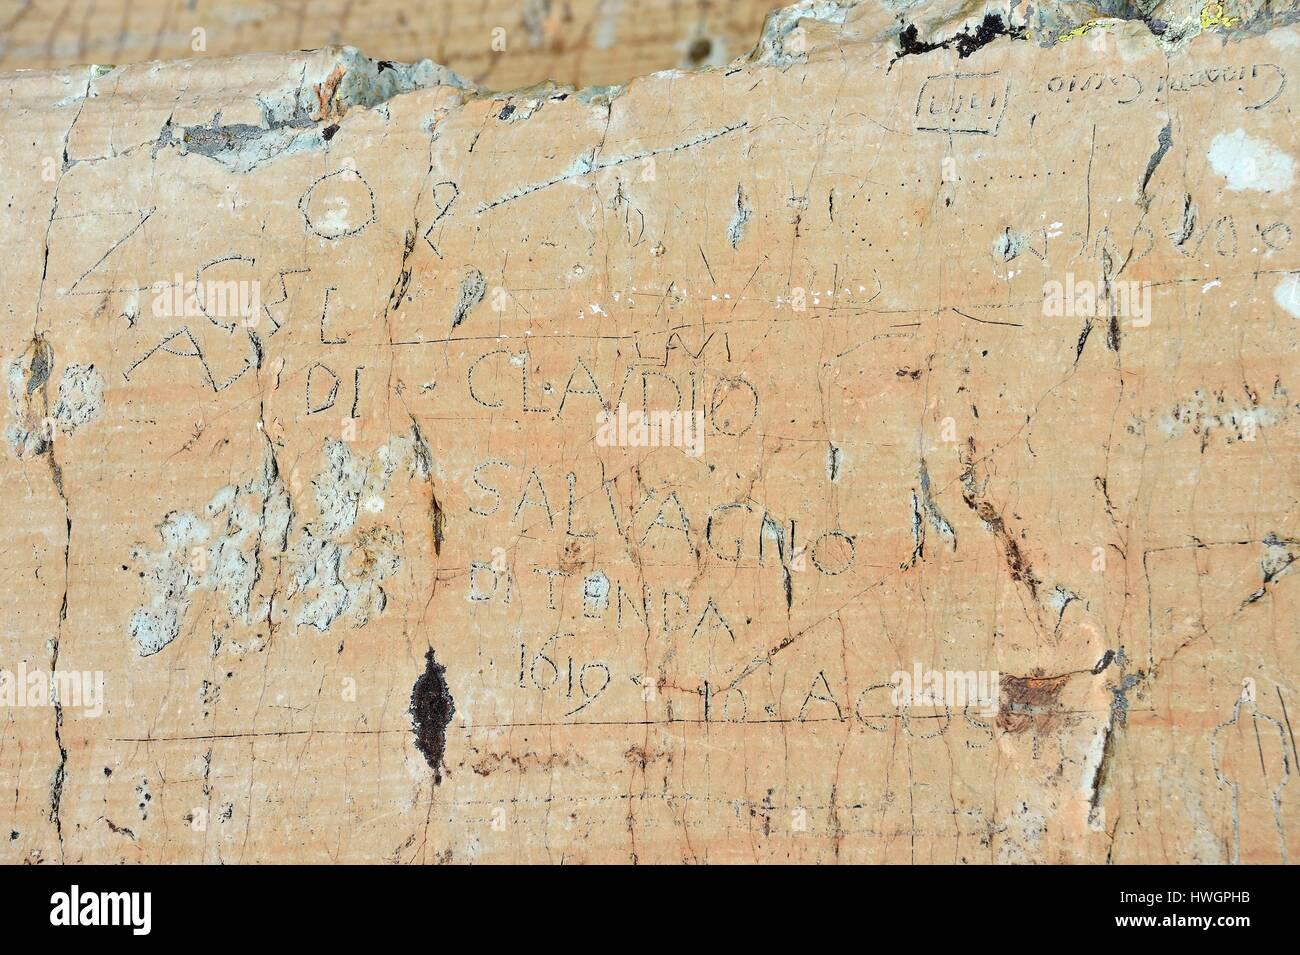 France, Alpes Maritimes, parc national du Mercantour (Mercantour National Park), the Vallee des Merveilles (Valley - Stock Image